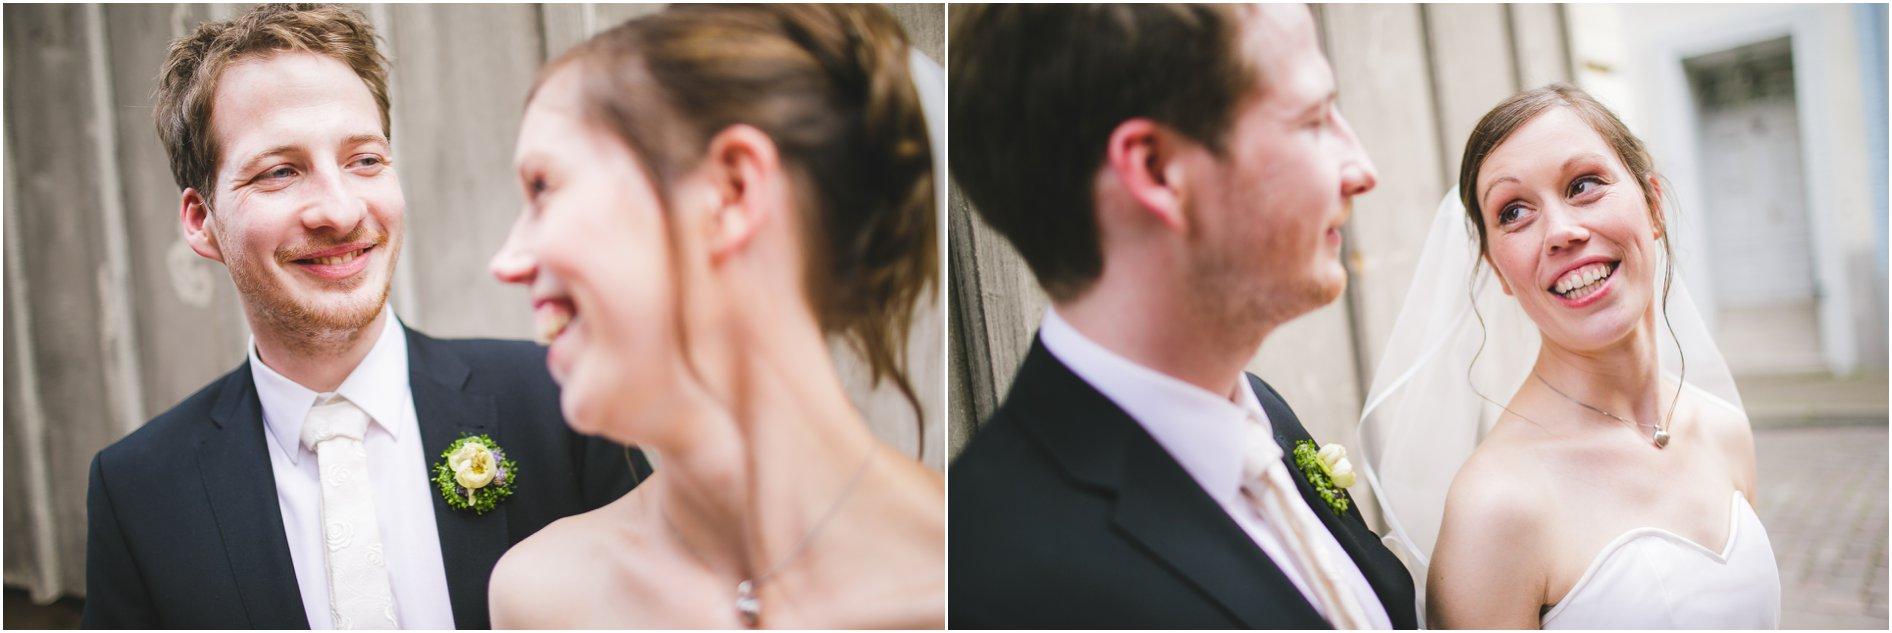 2014-08-07_0065 Wiebke und Marcio - Hochzeitsfotograf in Lüneburg